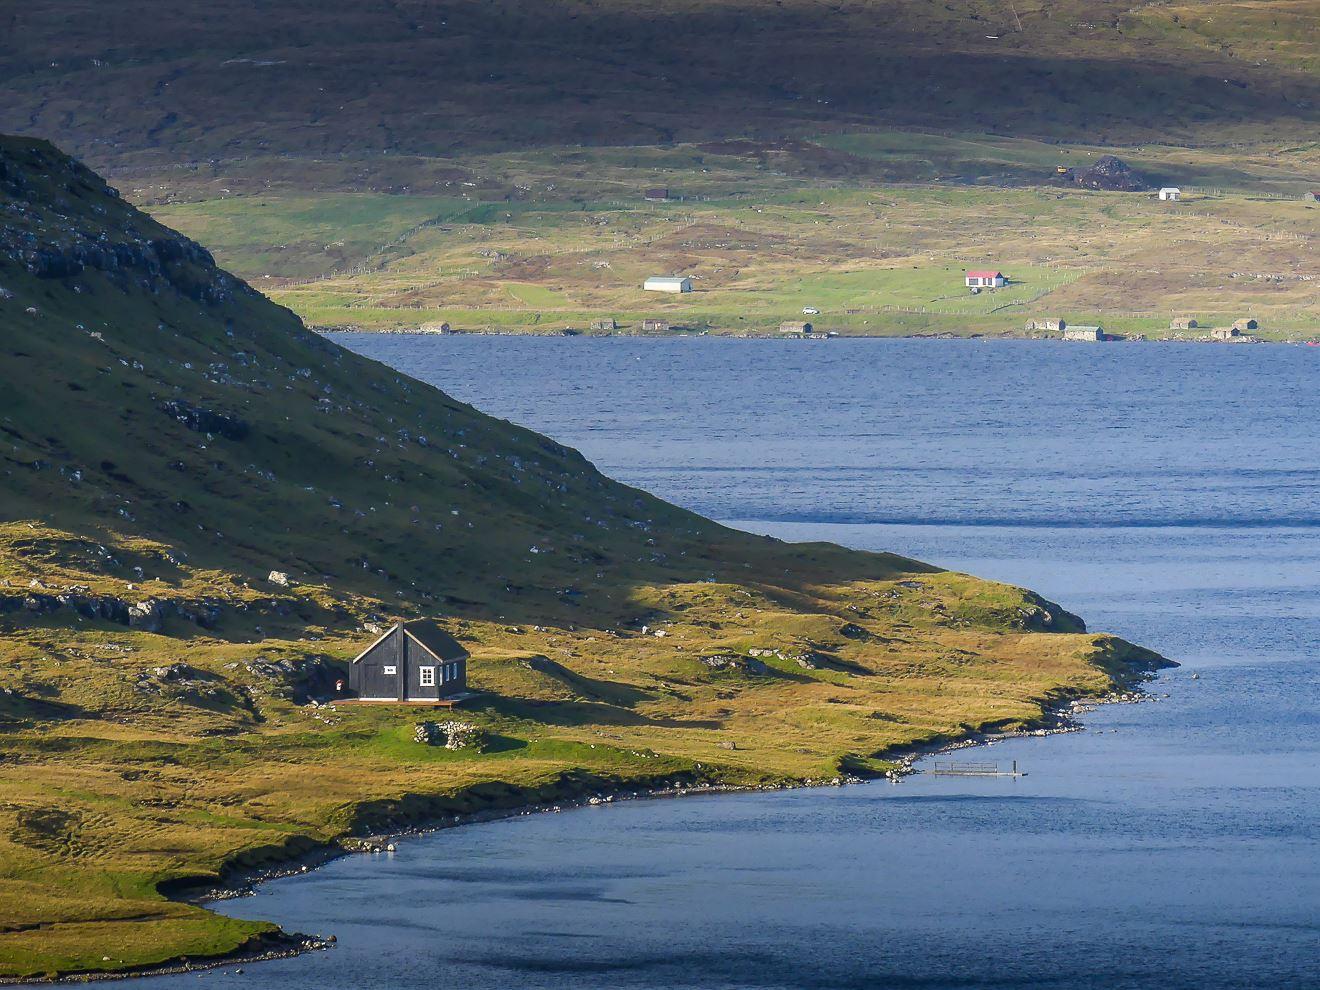 Randonnée du lac de Sorvagsvatn - Iles Feroe